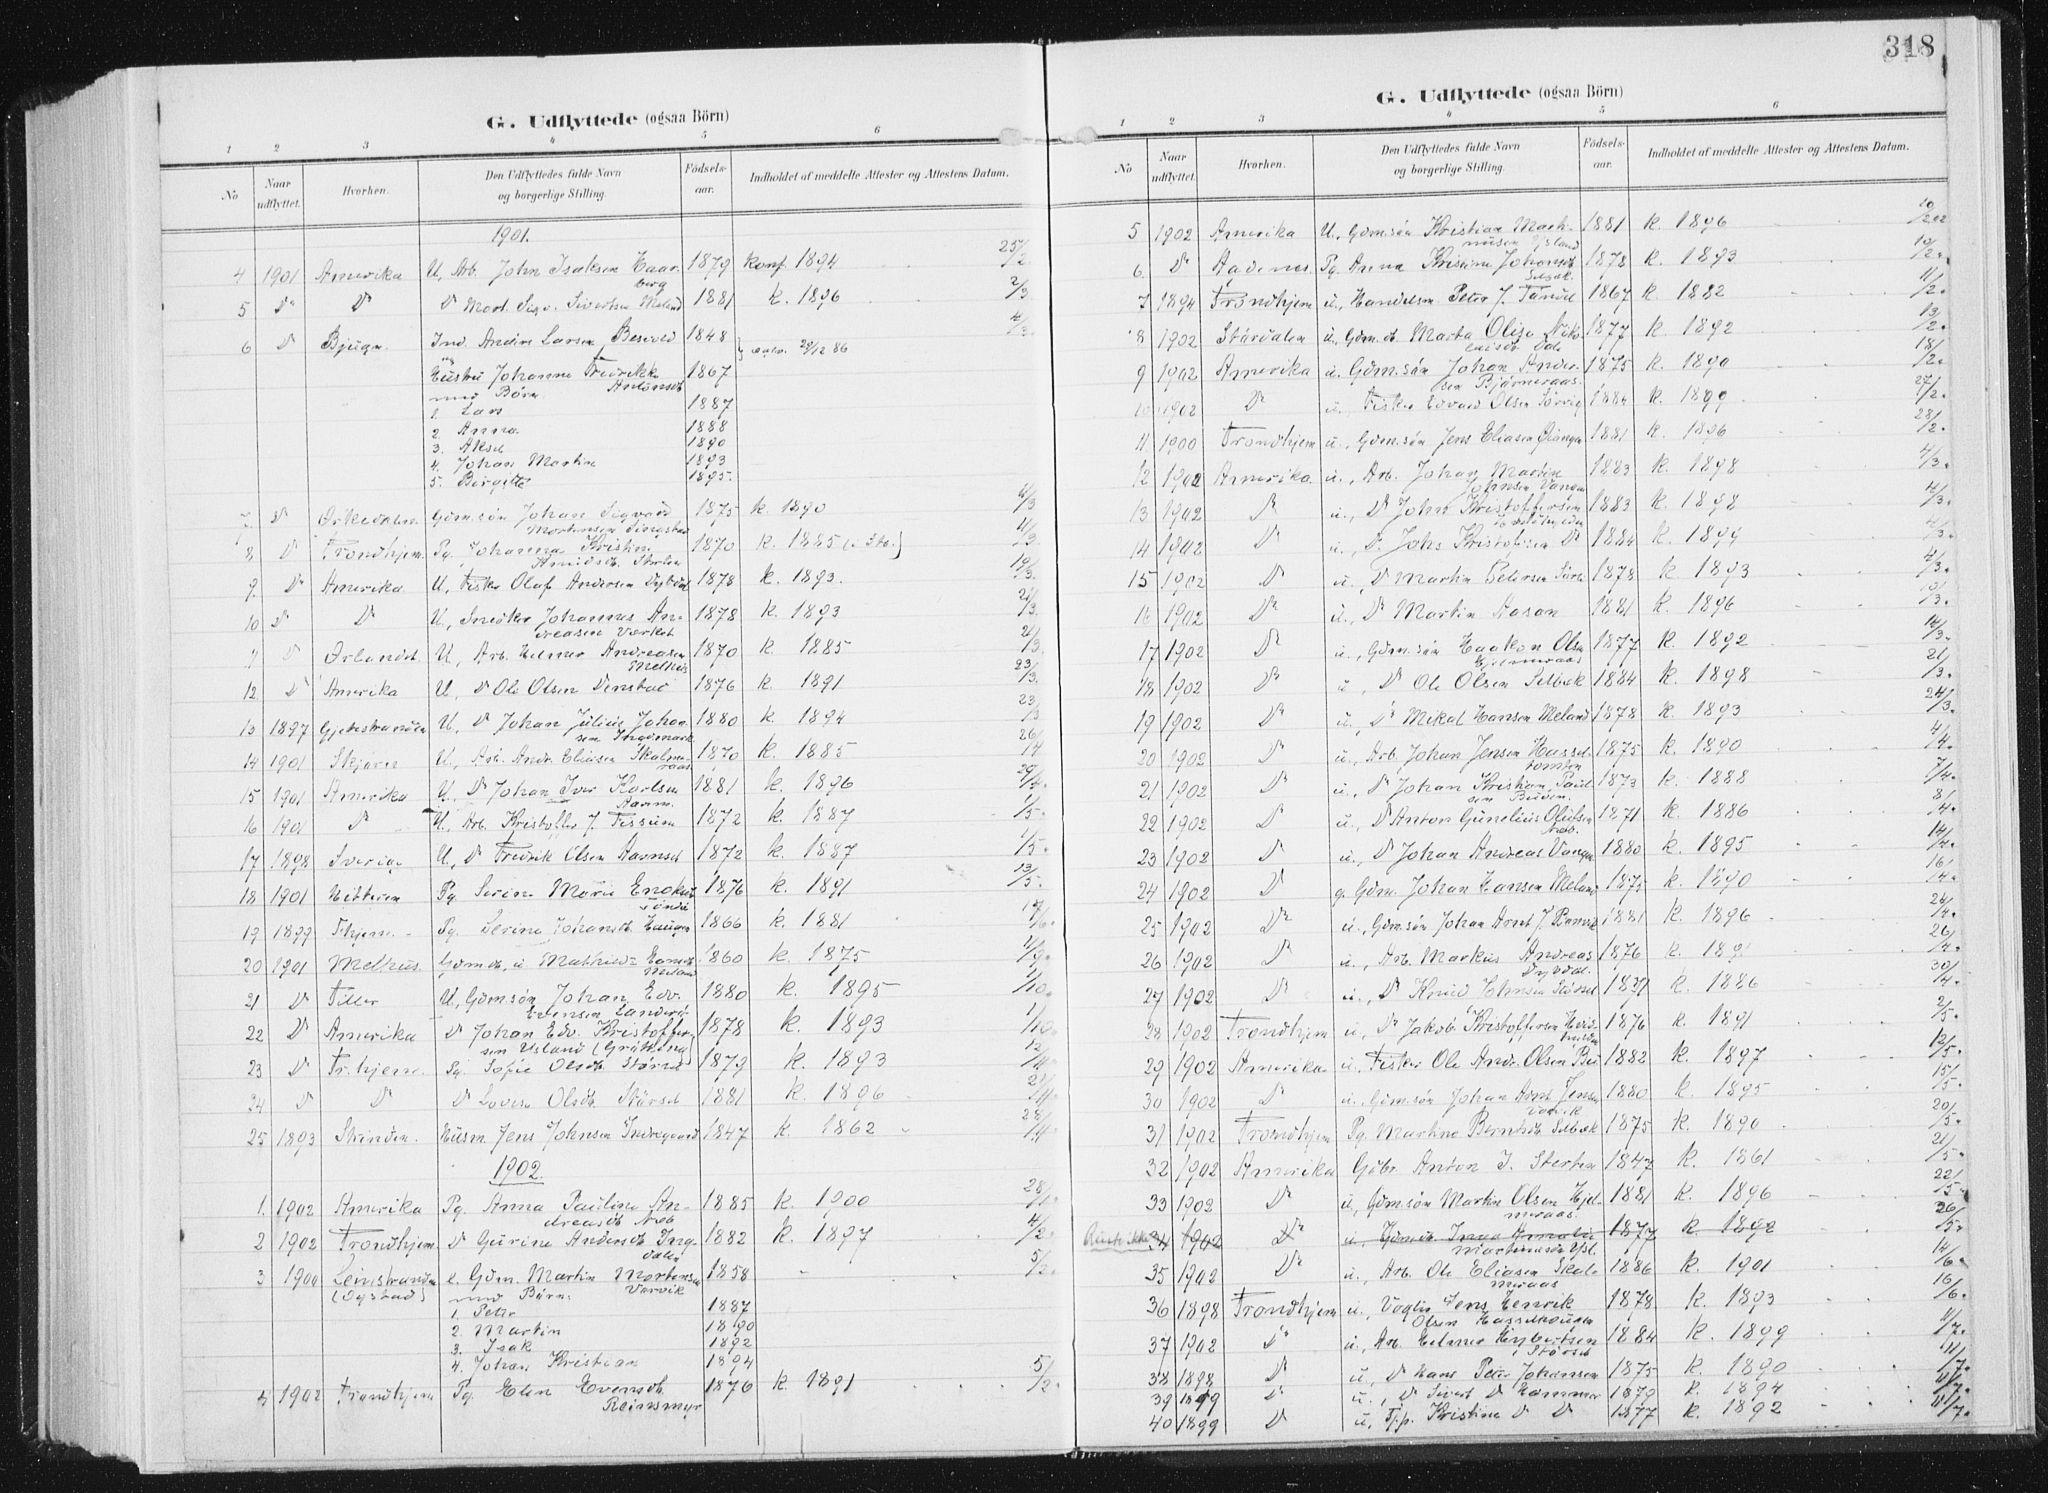 SAT, Ministerialprotokoller, klokkerbøker og fødselsregistre - Sør-Trøndelag, 647/L0635: Ministerialbok nr. 647A02, 1896-1911, s. 318